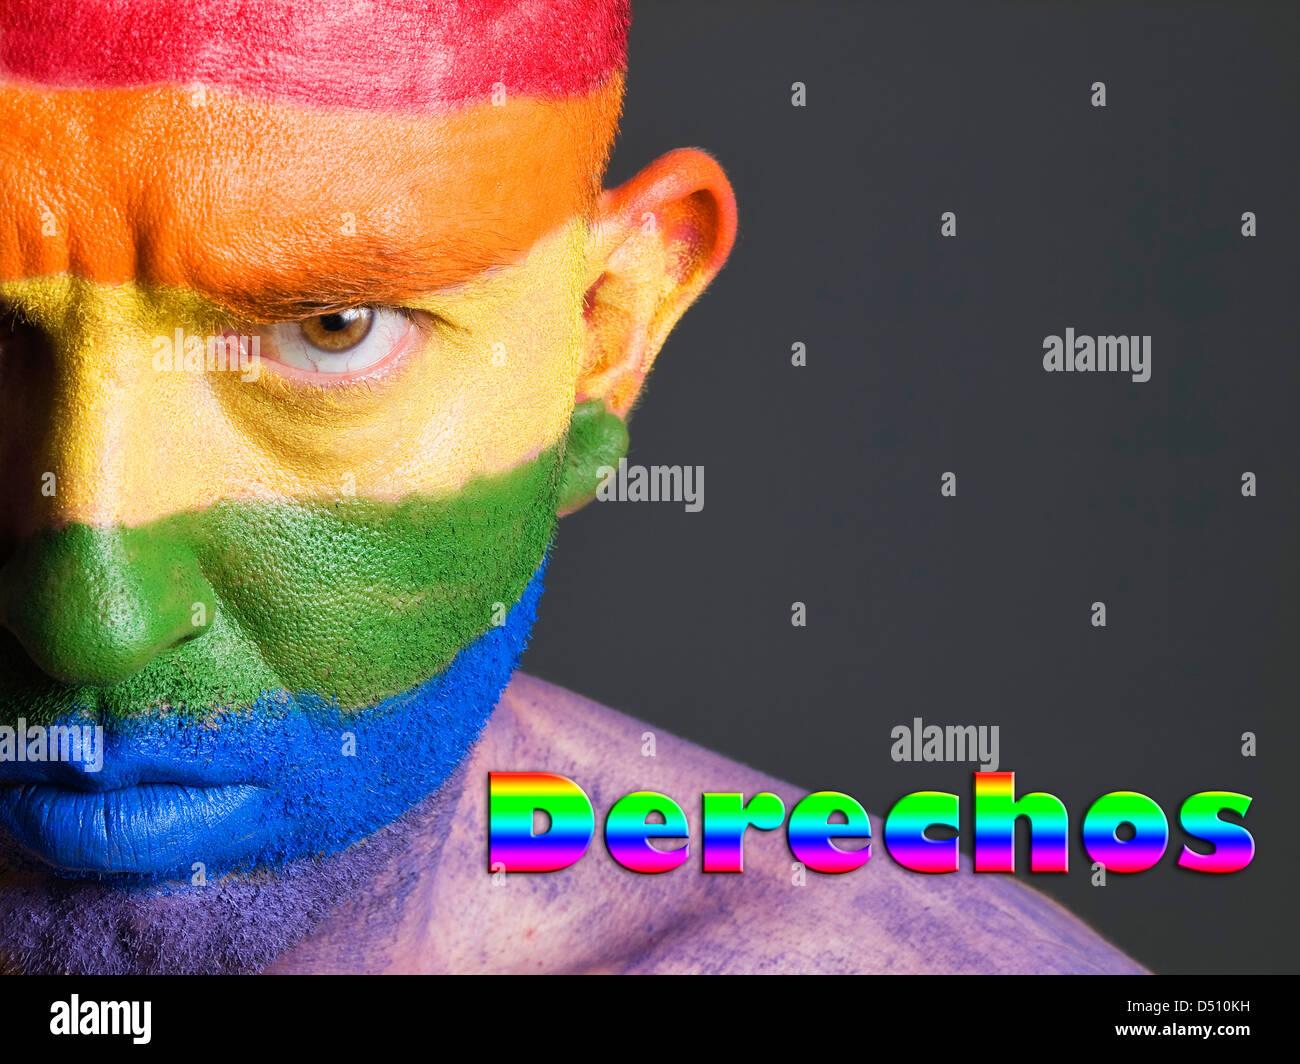 Hombre con la bandera gay pintada en la cara y con expresion seria. La Palabra Stampa 'derechos' esta escrita Immagini Stock